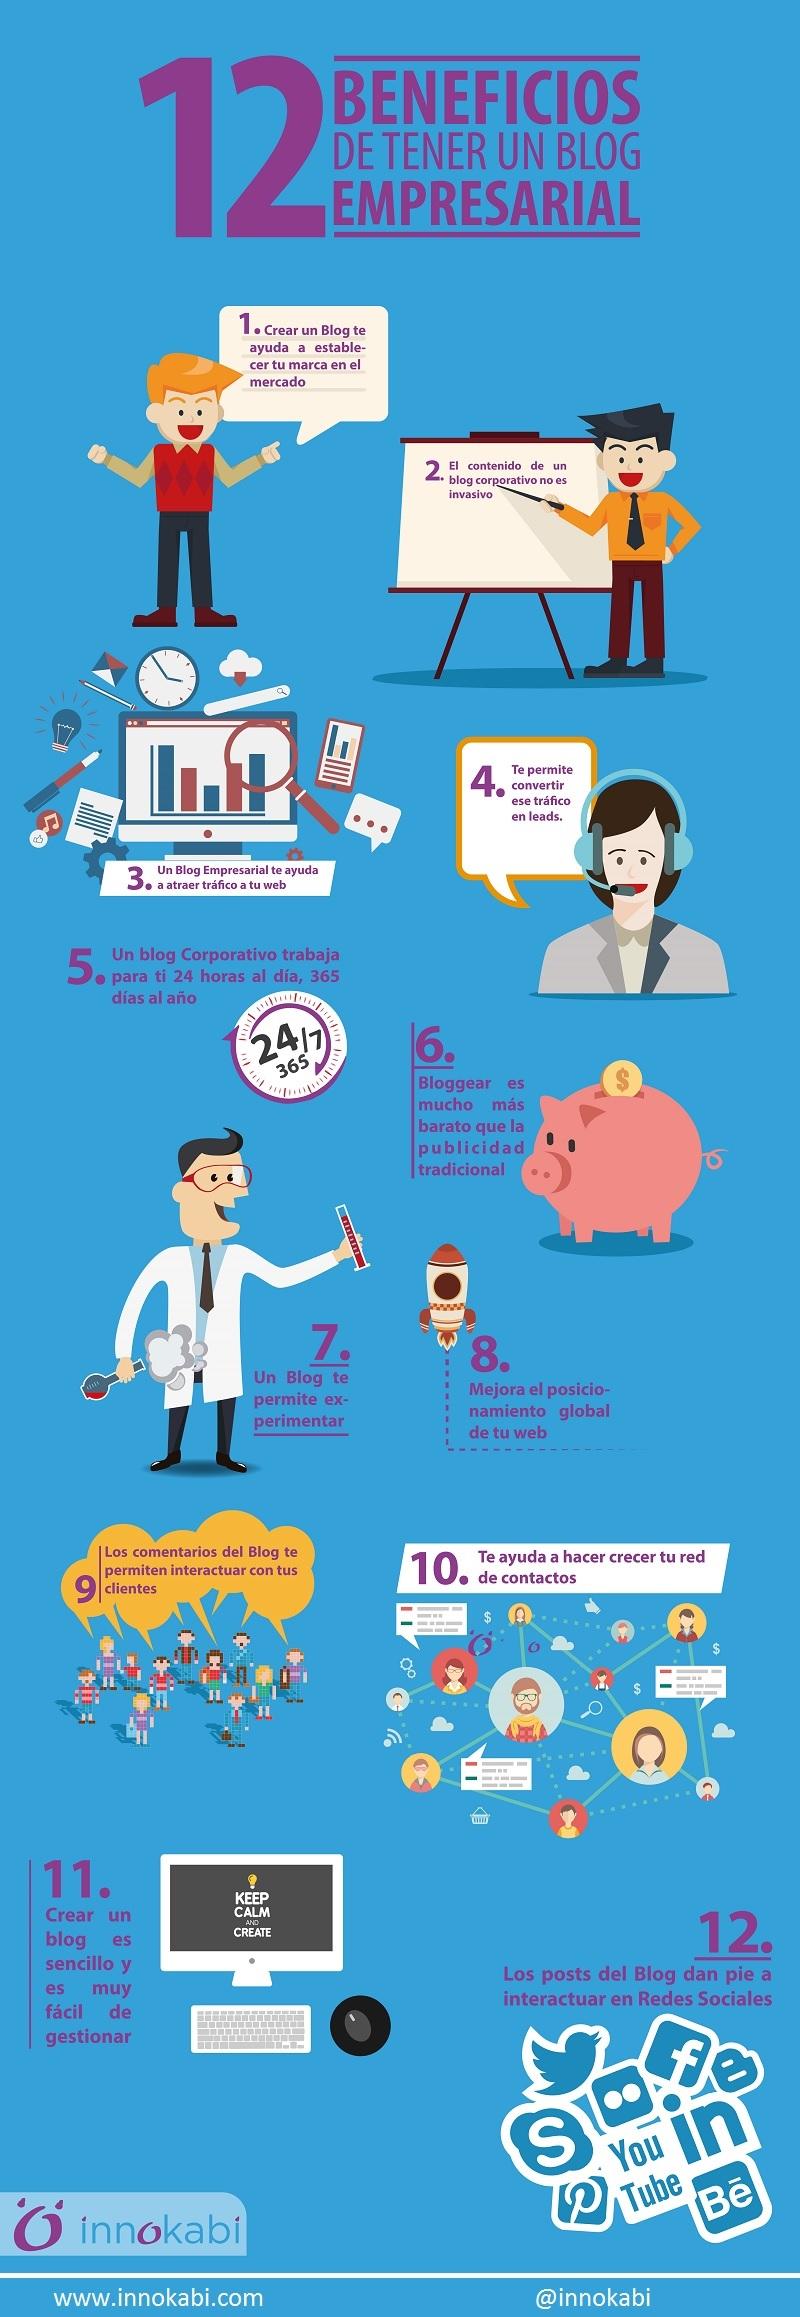 infografia-beneficios-de-un-blog-de-empresa